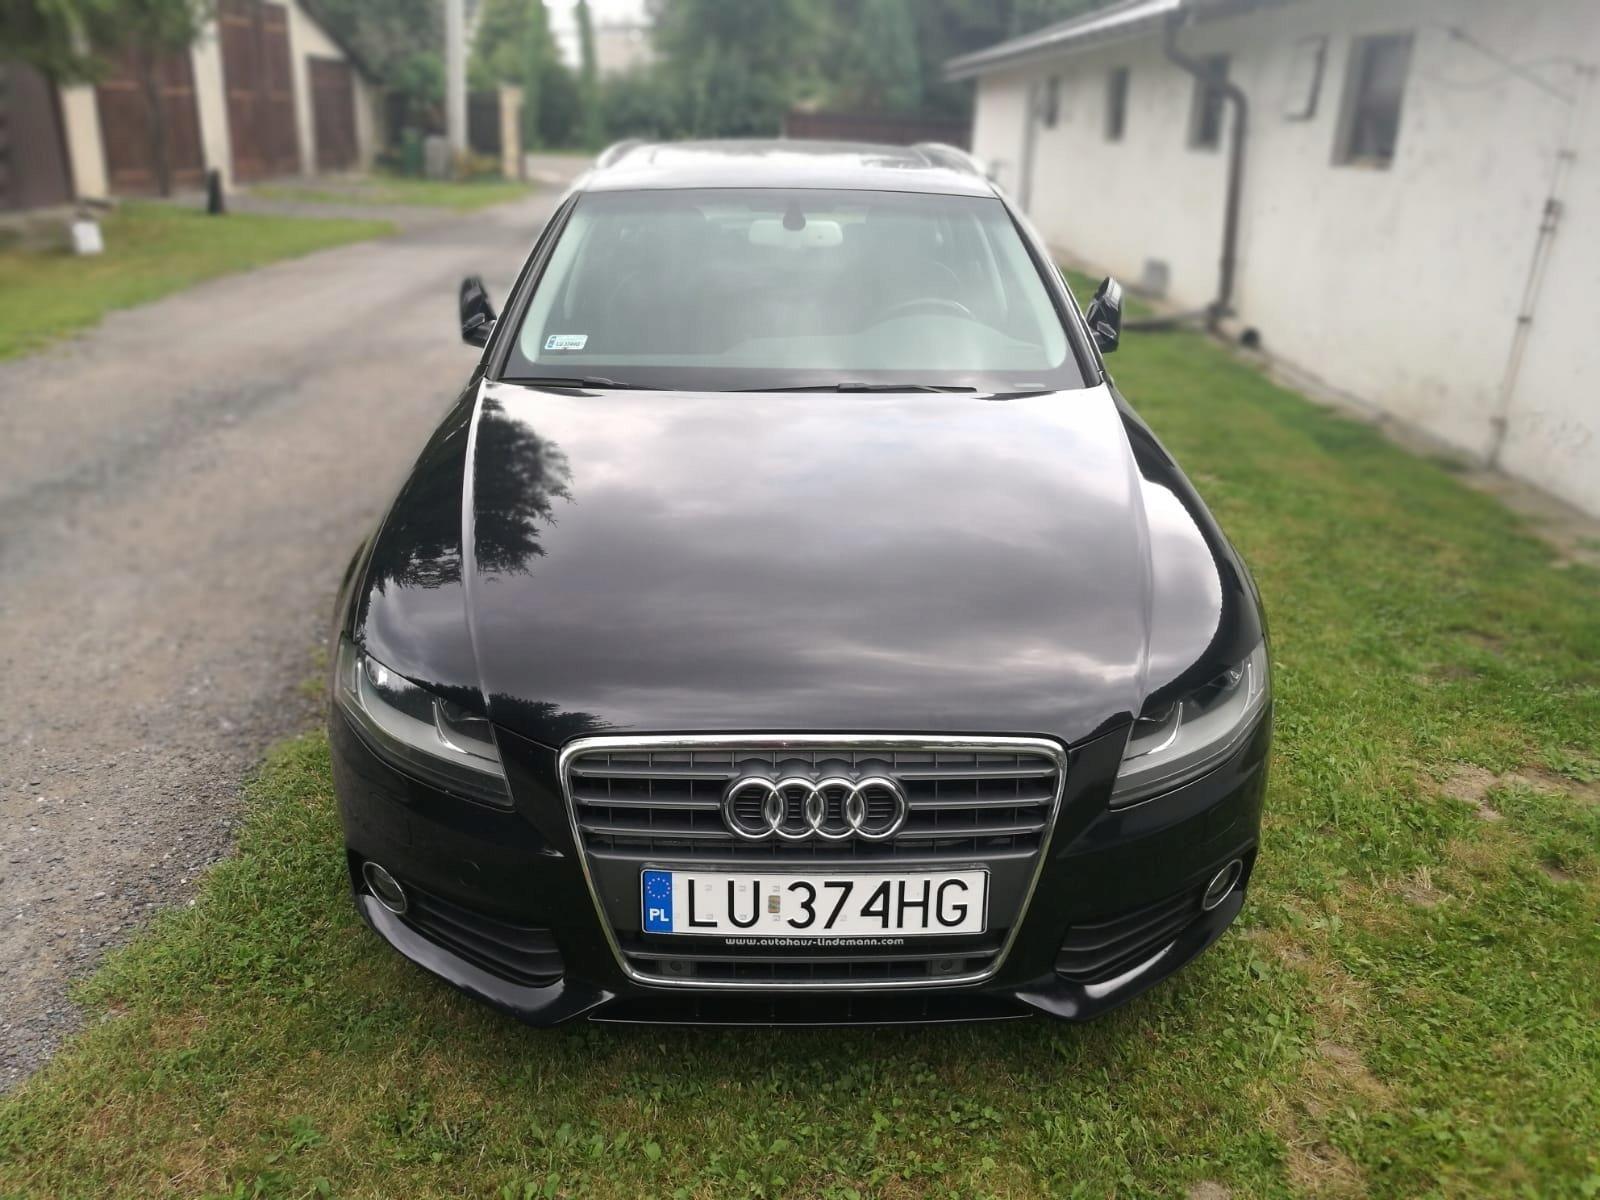 Audi A4 B8 27 Tdi Kombi Ladny Navi Sprowadzony Opinie I Ceny Na